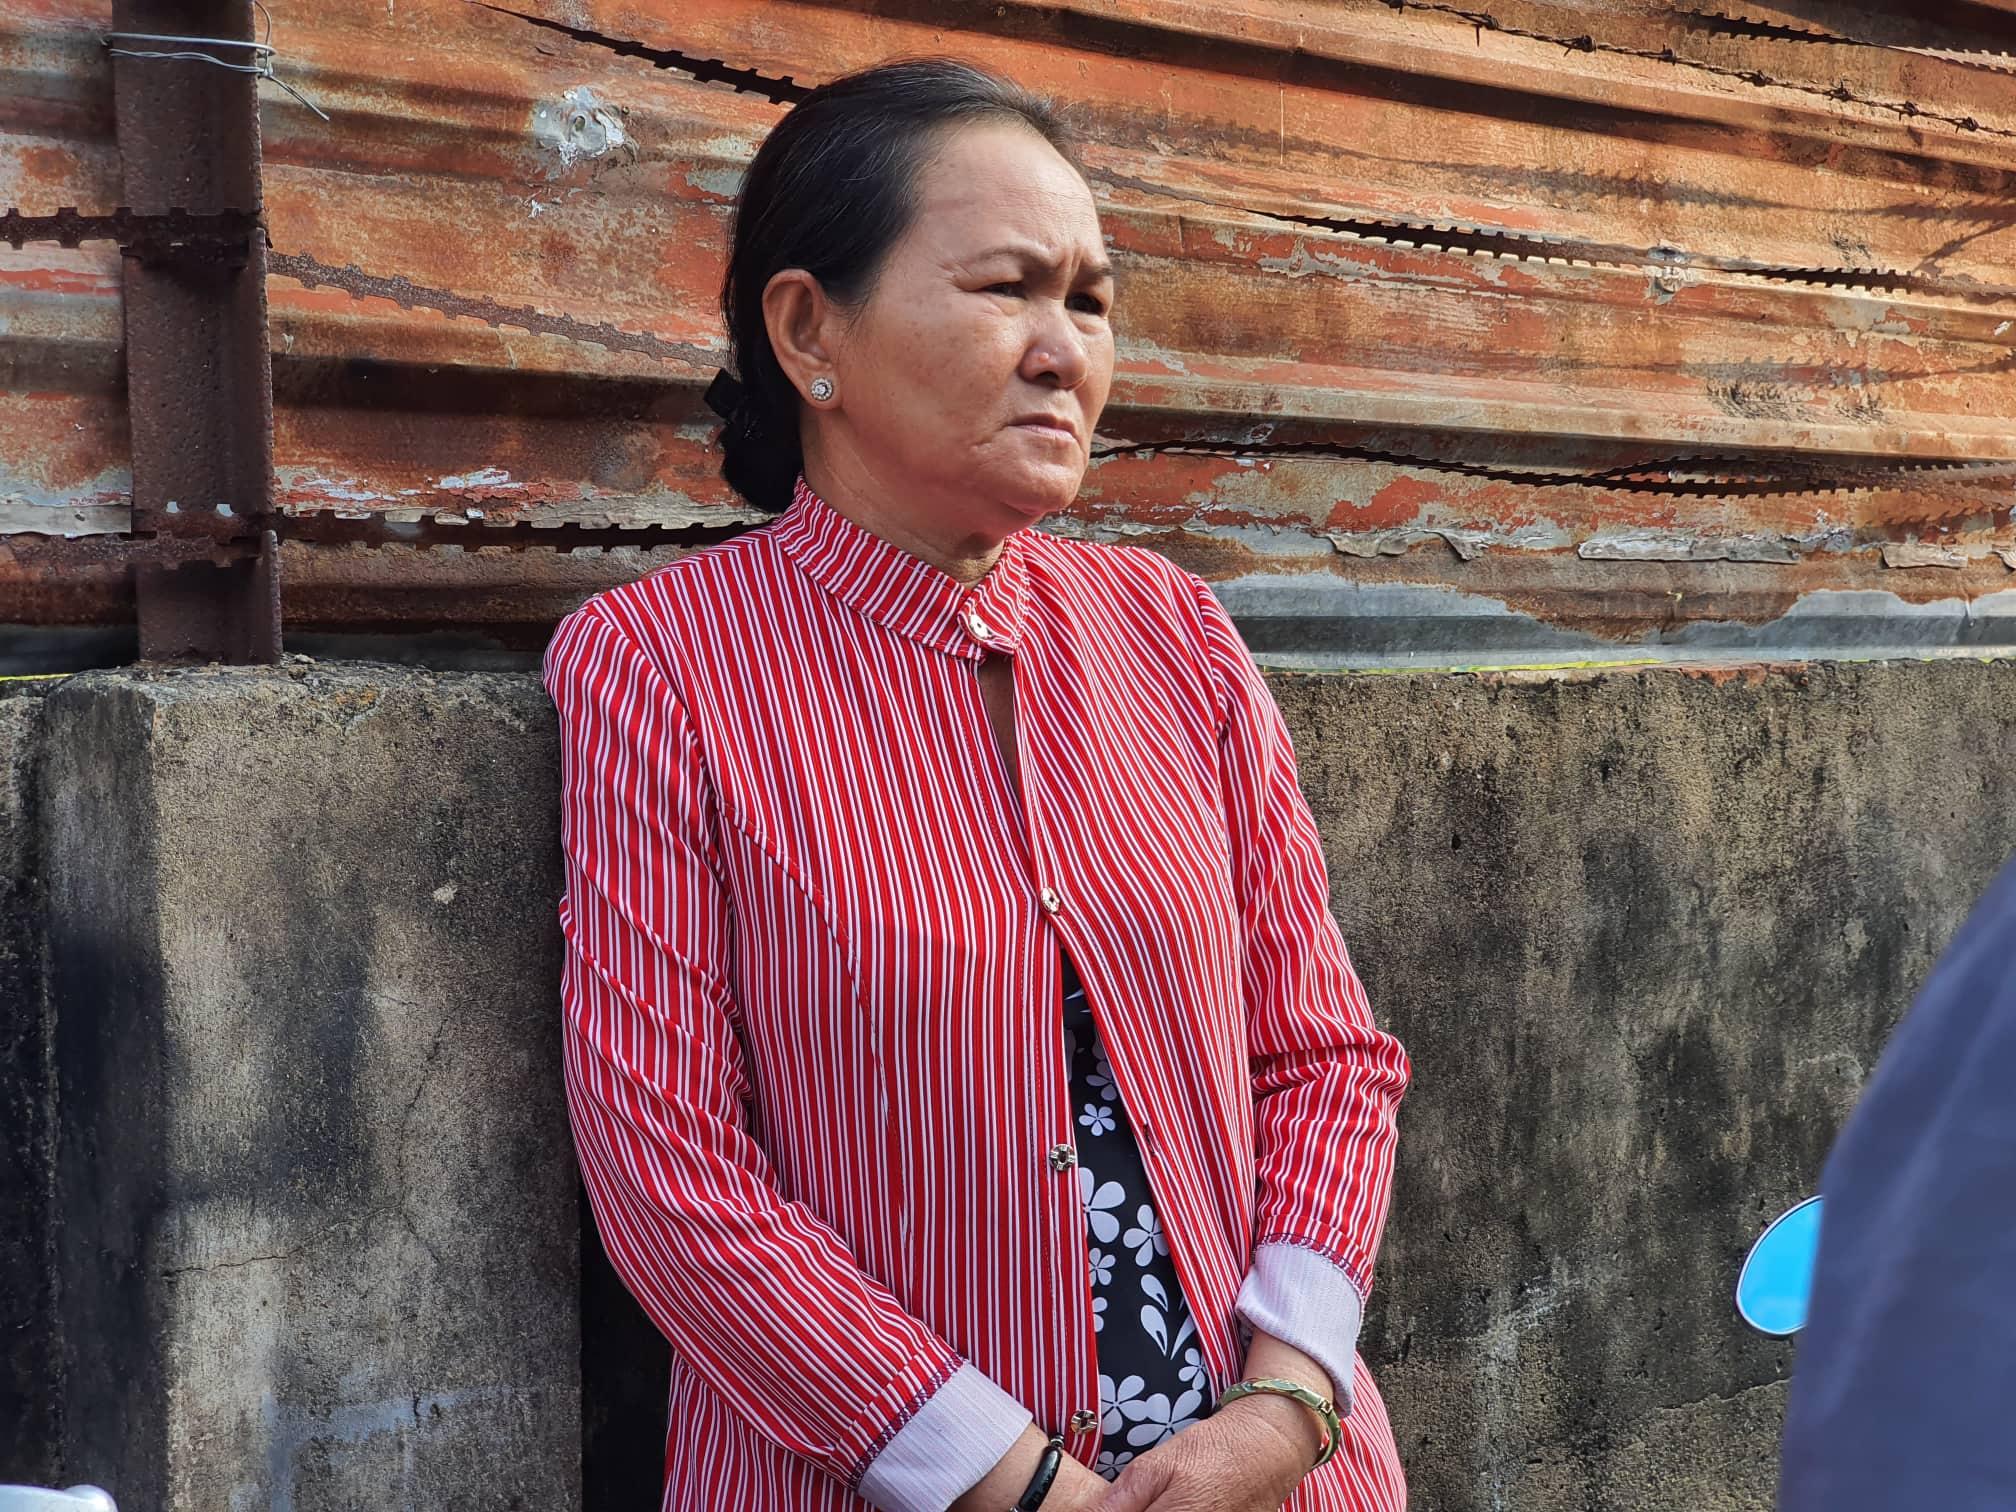 Vụ cháy nhà khiến 5 mẹ con thiệt mạng sáng 27 Tết: Nhân chứng bàng hoàng kể lại 3